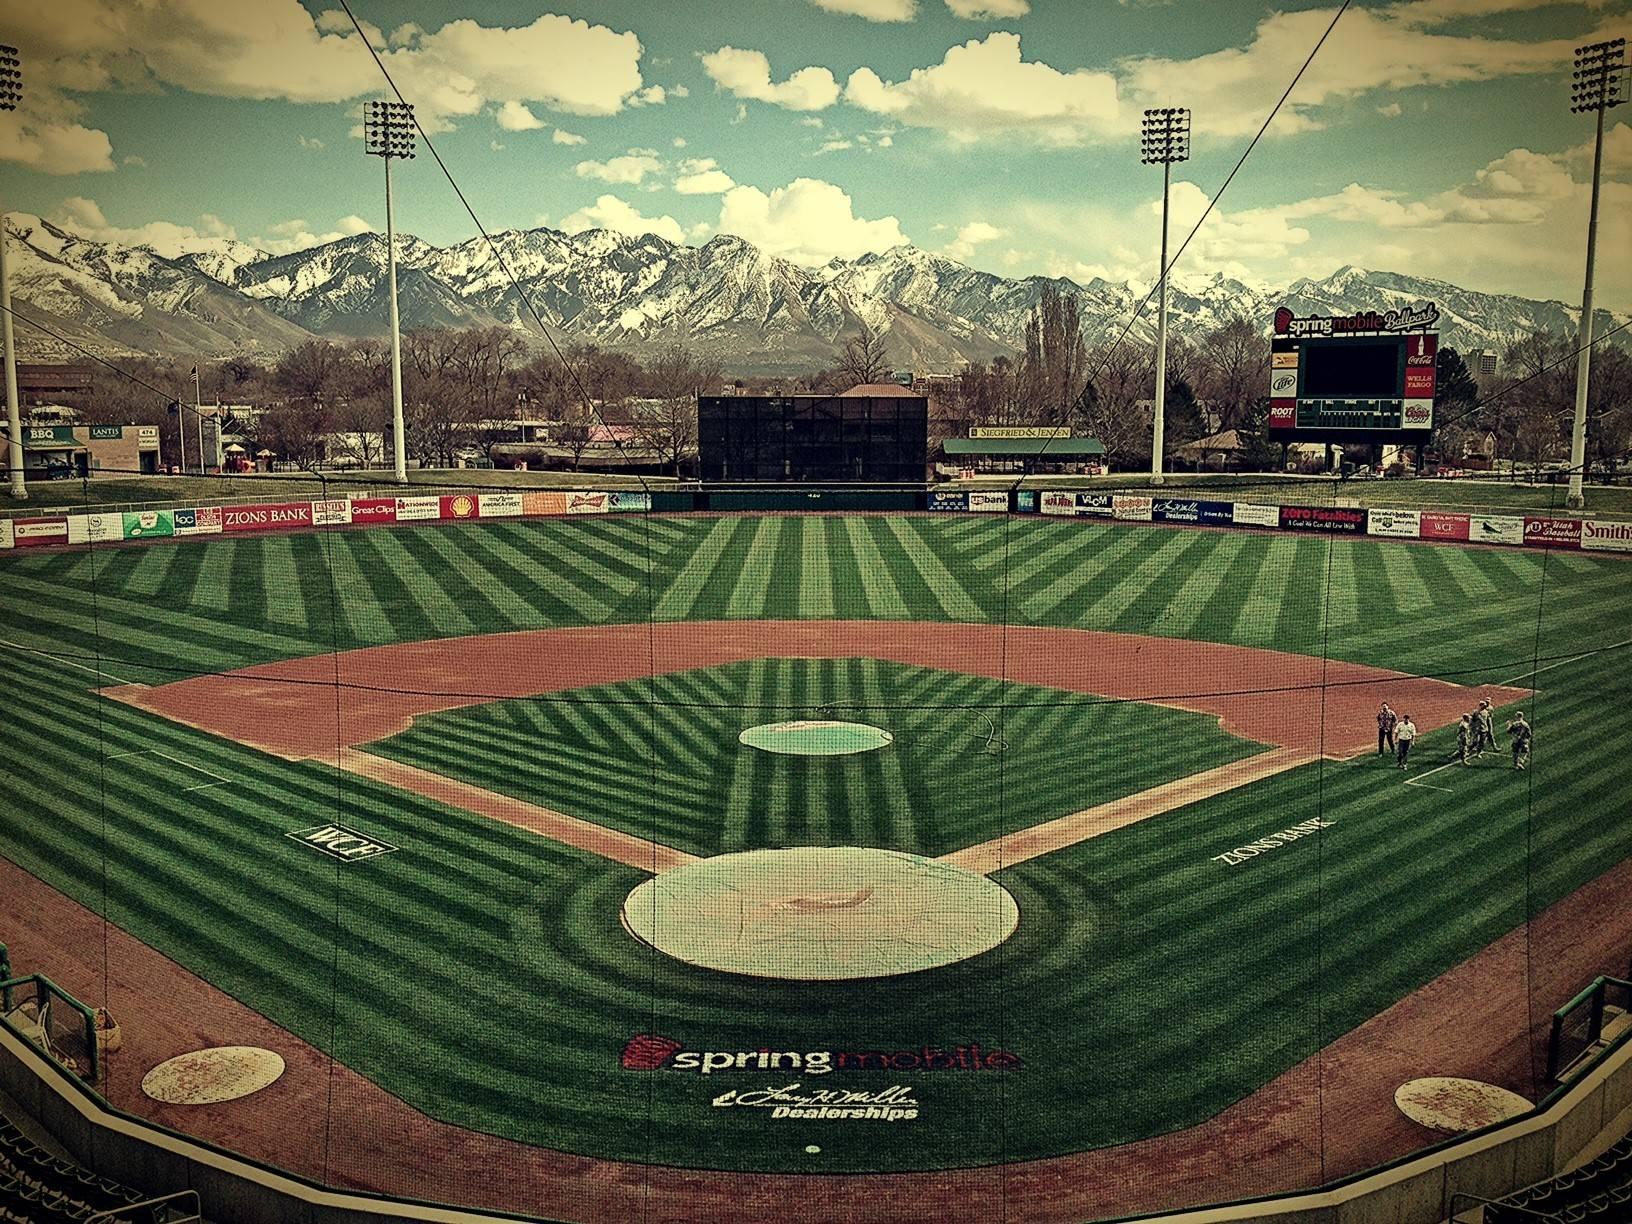 What A Ballpark!